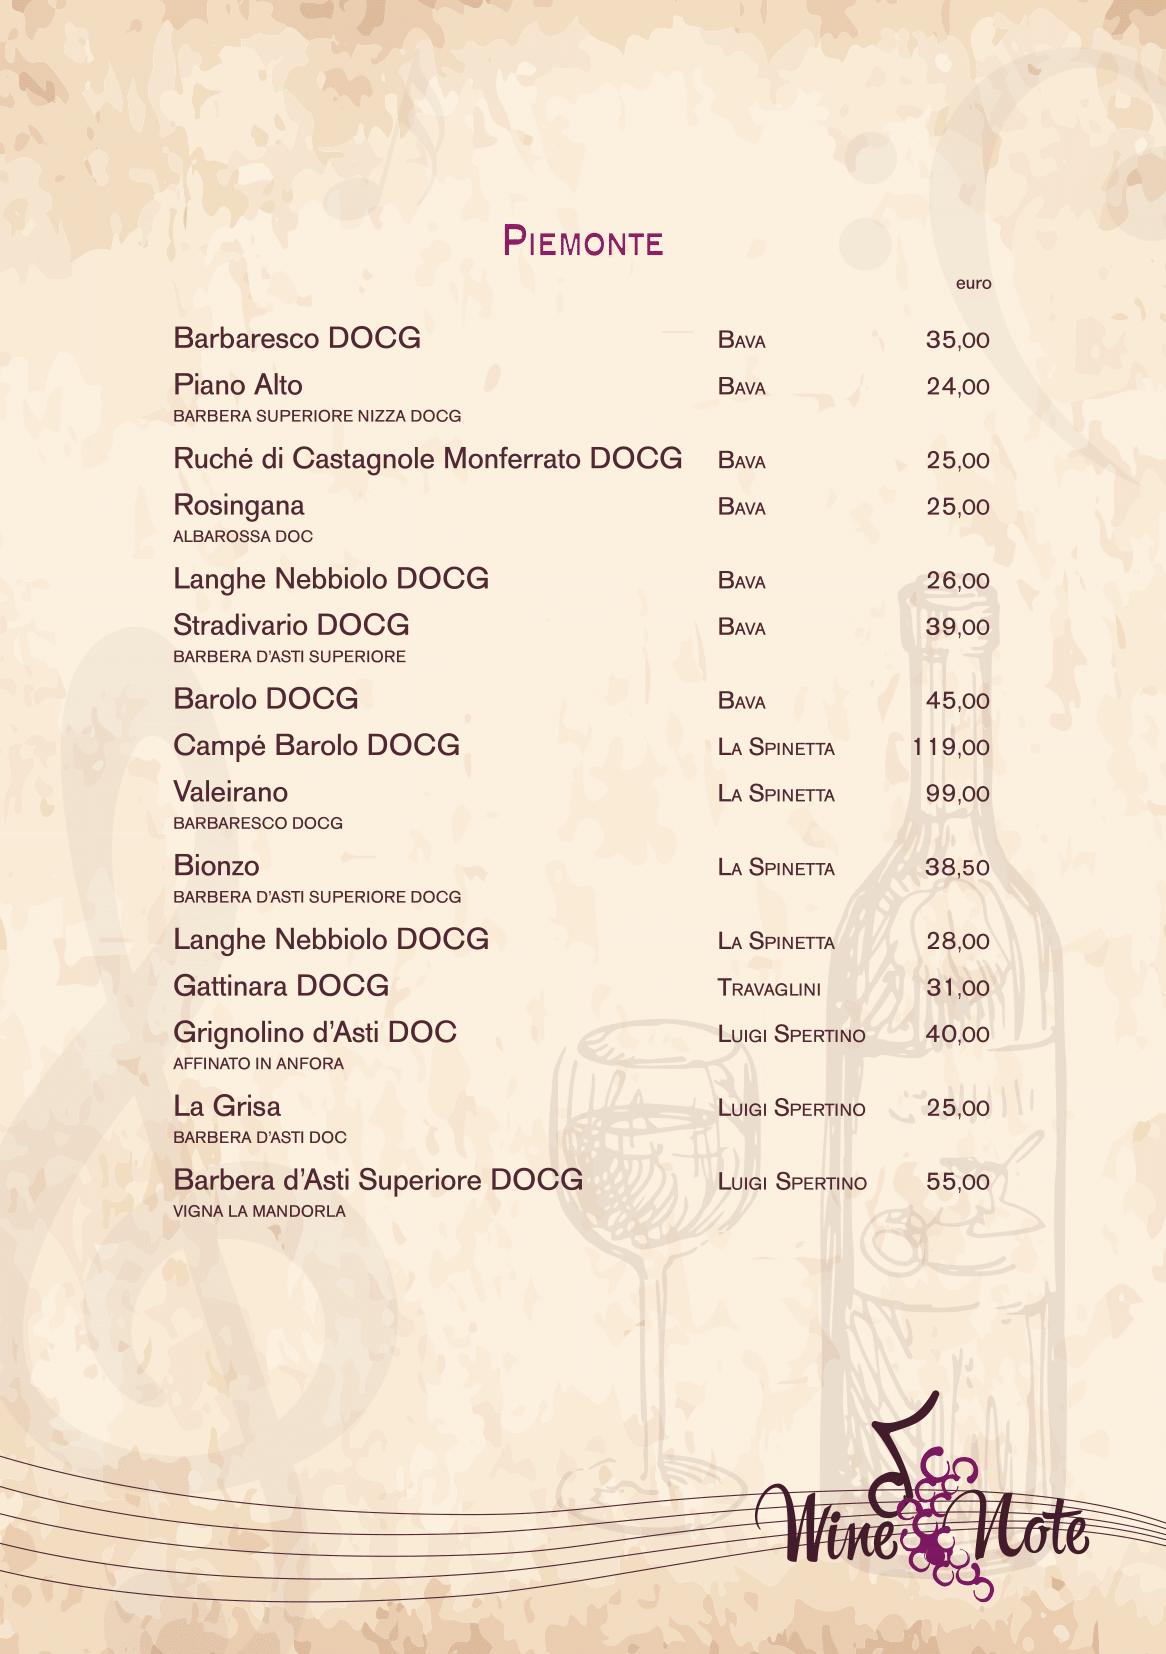 Wine note menu e vini A5-10